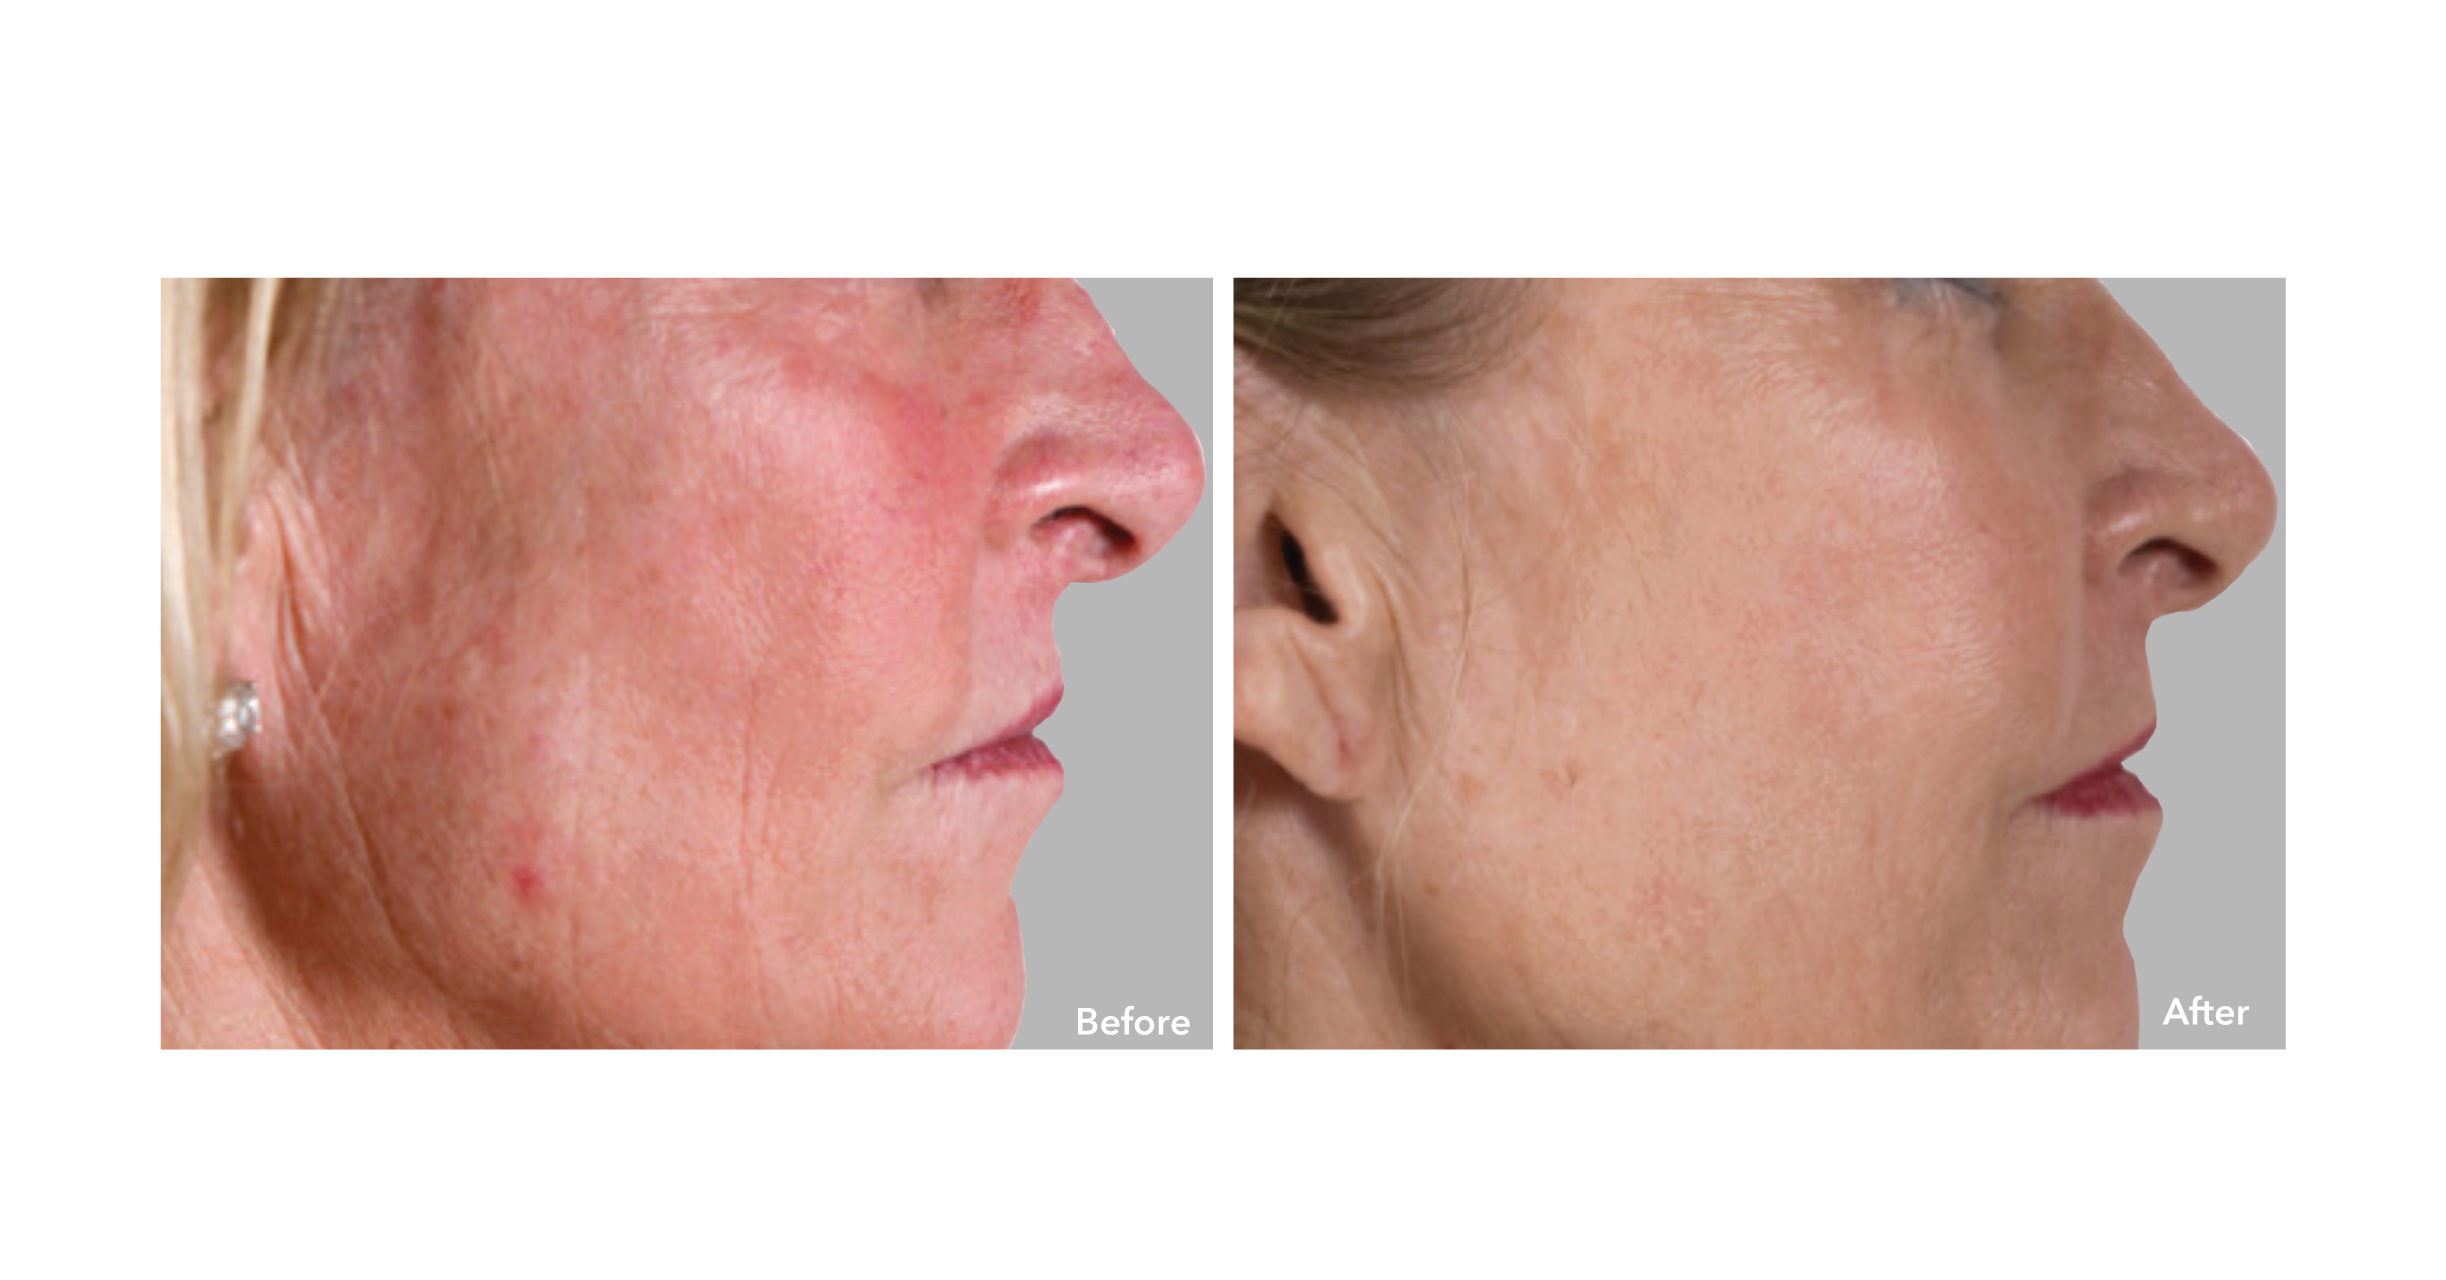 AnteAGE Stem Cell Facial